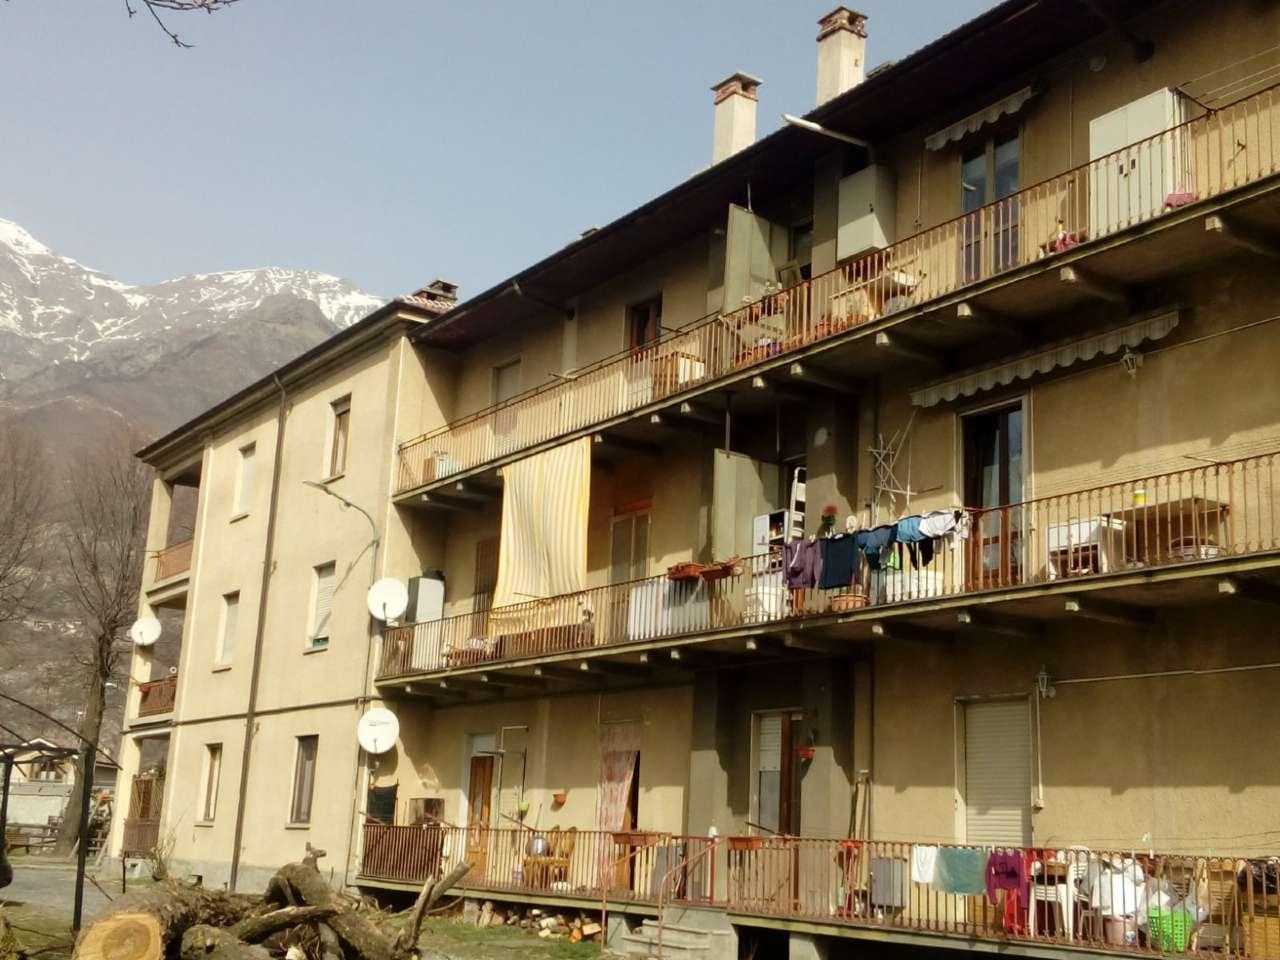 Appartamento in vendita a Chianocco, 4 locali, prezzo € 59.000 | PortaleAgenzieImmobiliari.it